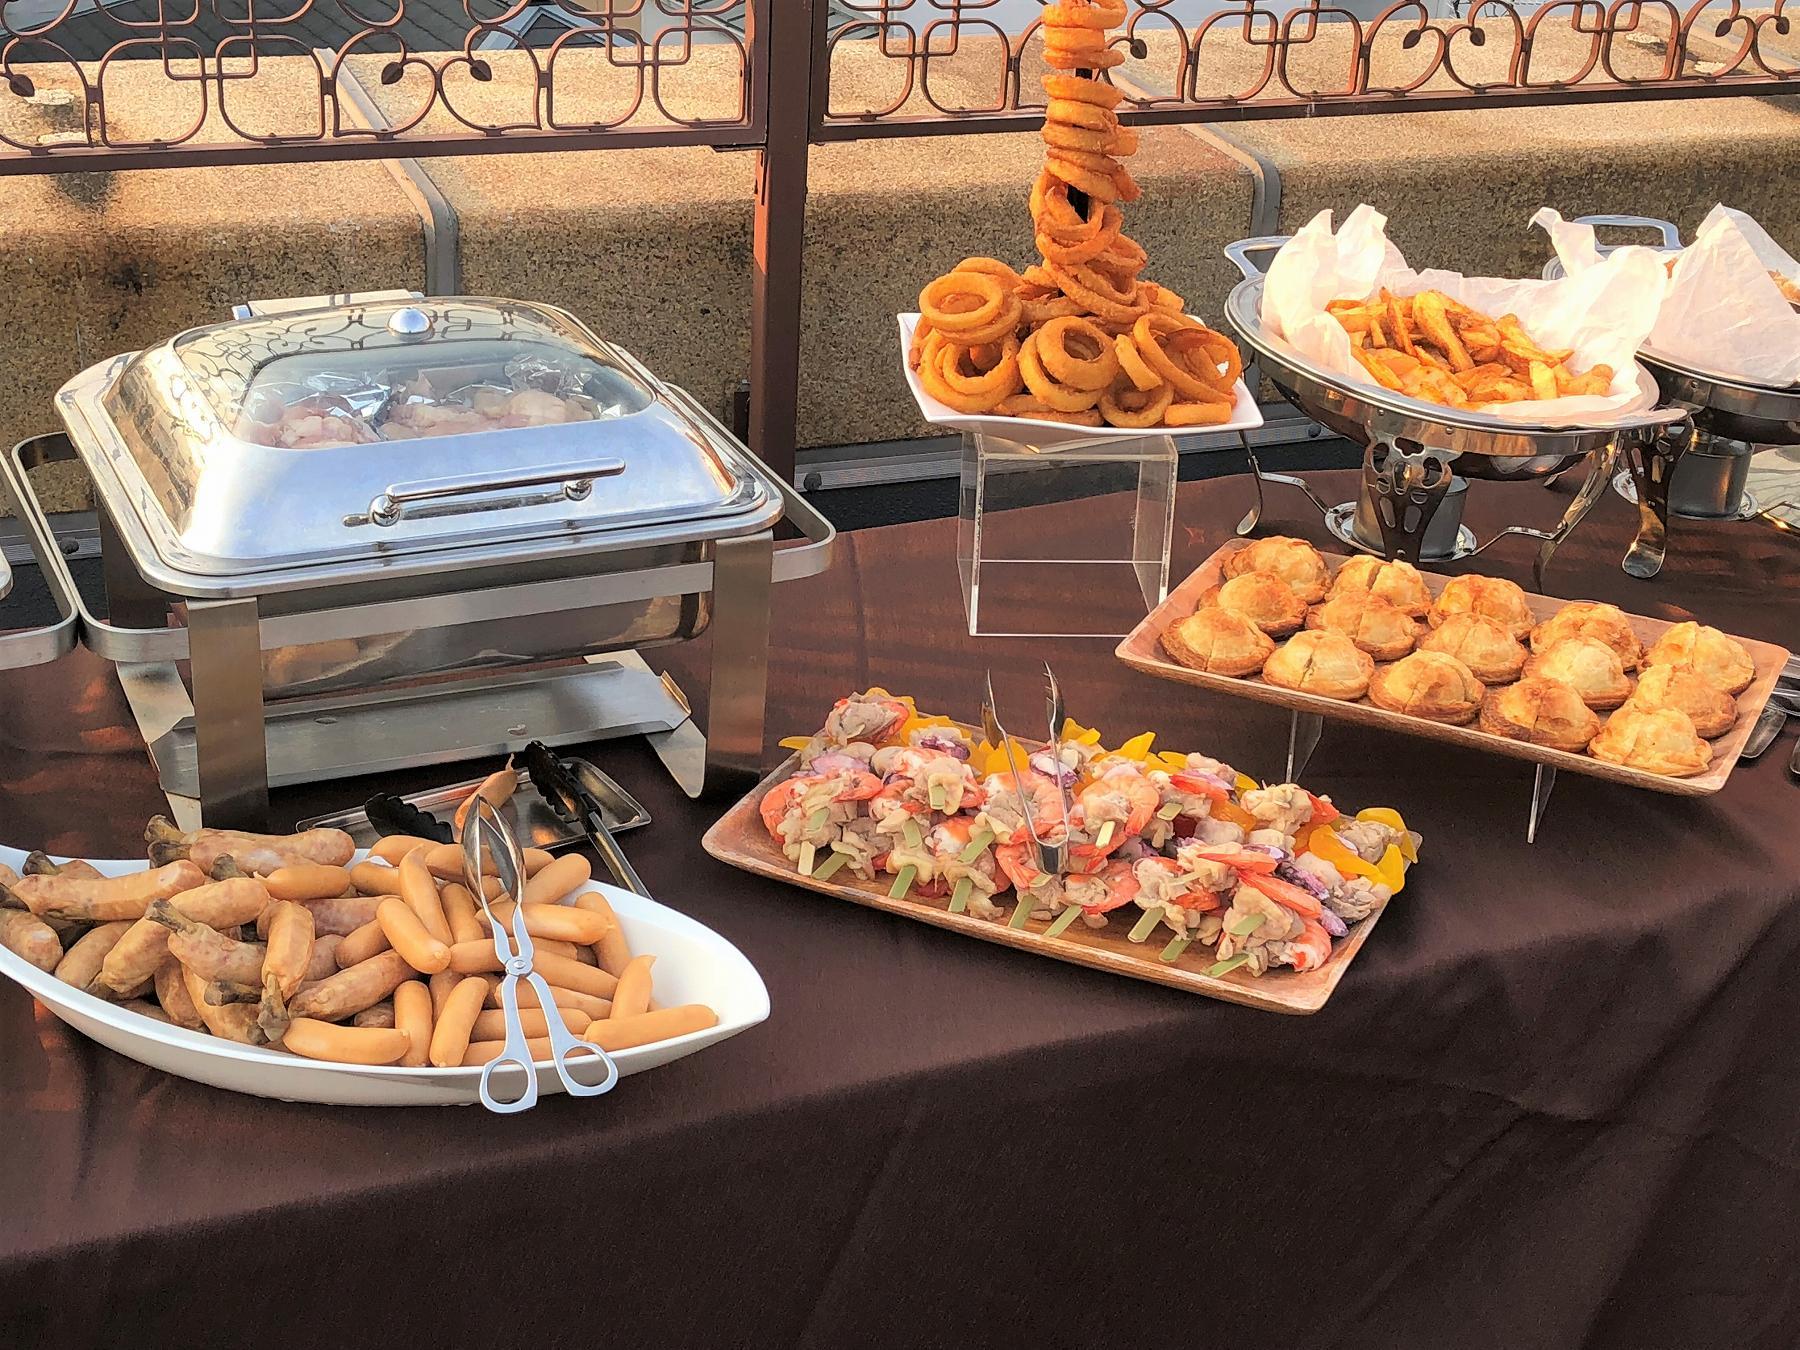 芦屋モノリスで開催中の「夏季限定ビアホール&ビアガーデン」に行ってきた! #芦屋モノリス #ビアガーデン #ビアホール #BBQ #近代建築